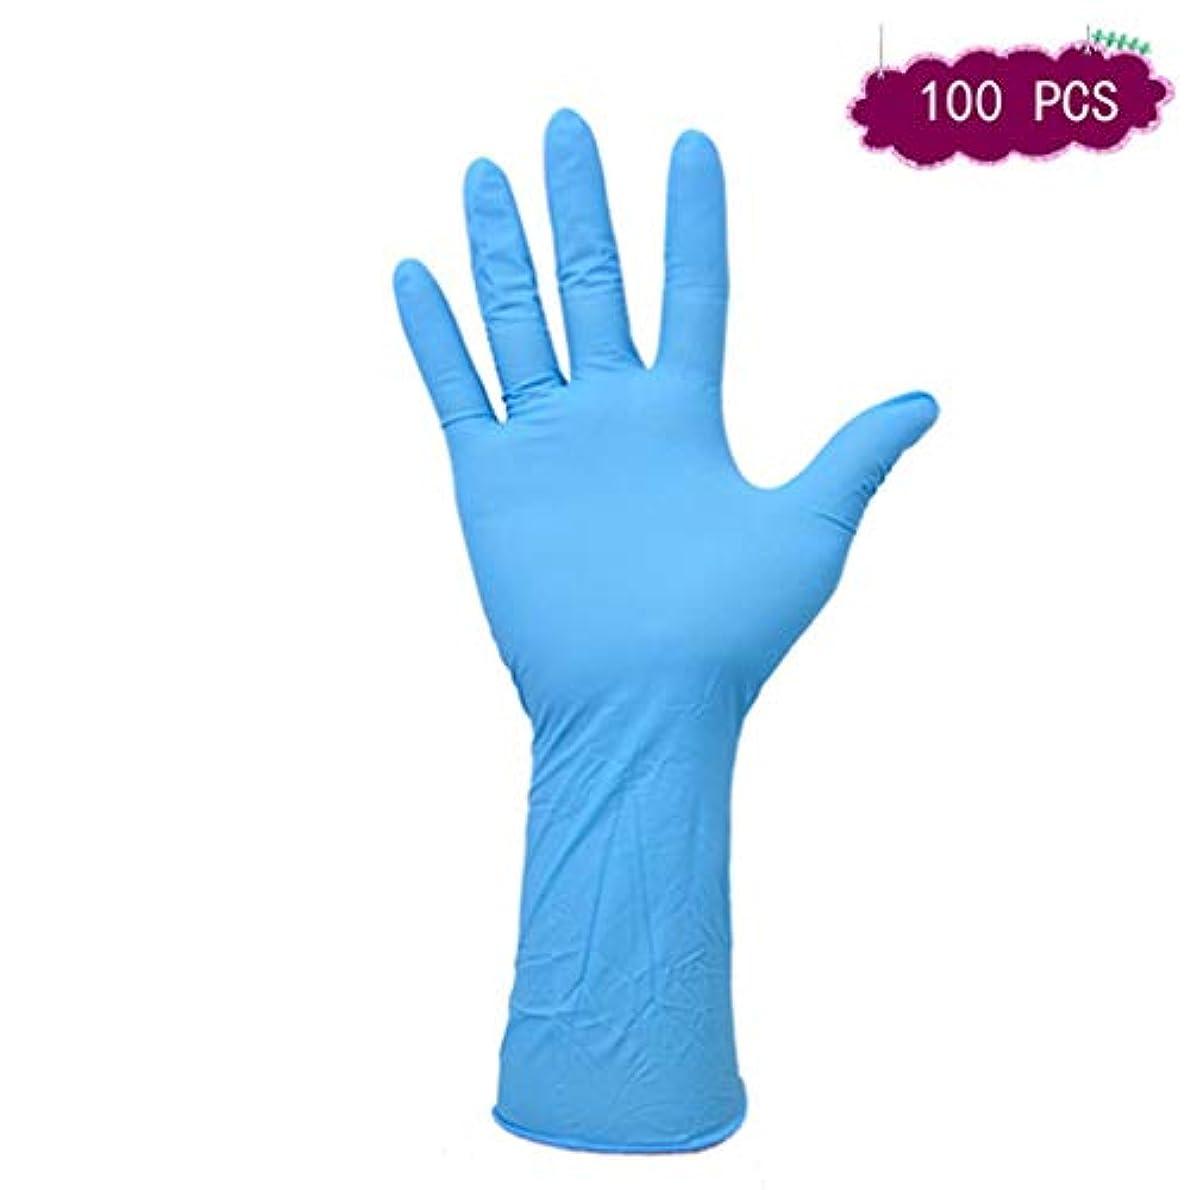 共同選択生む魅力的使い捨てラテックス手袋ニトリル9インチ耐油9インチのゴム労働者保護の食器用実験室スキッド手袋なしパウダー (Color : 9 inch, Size : S)